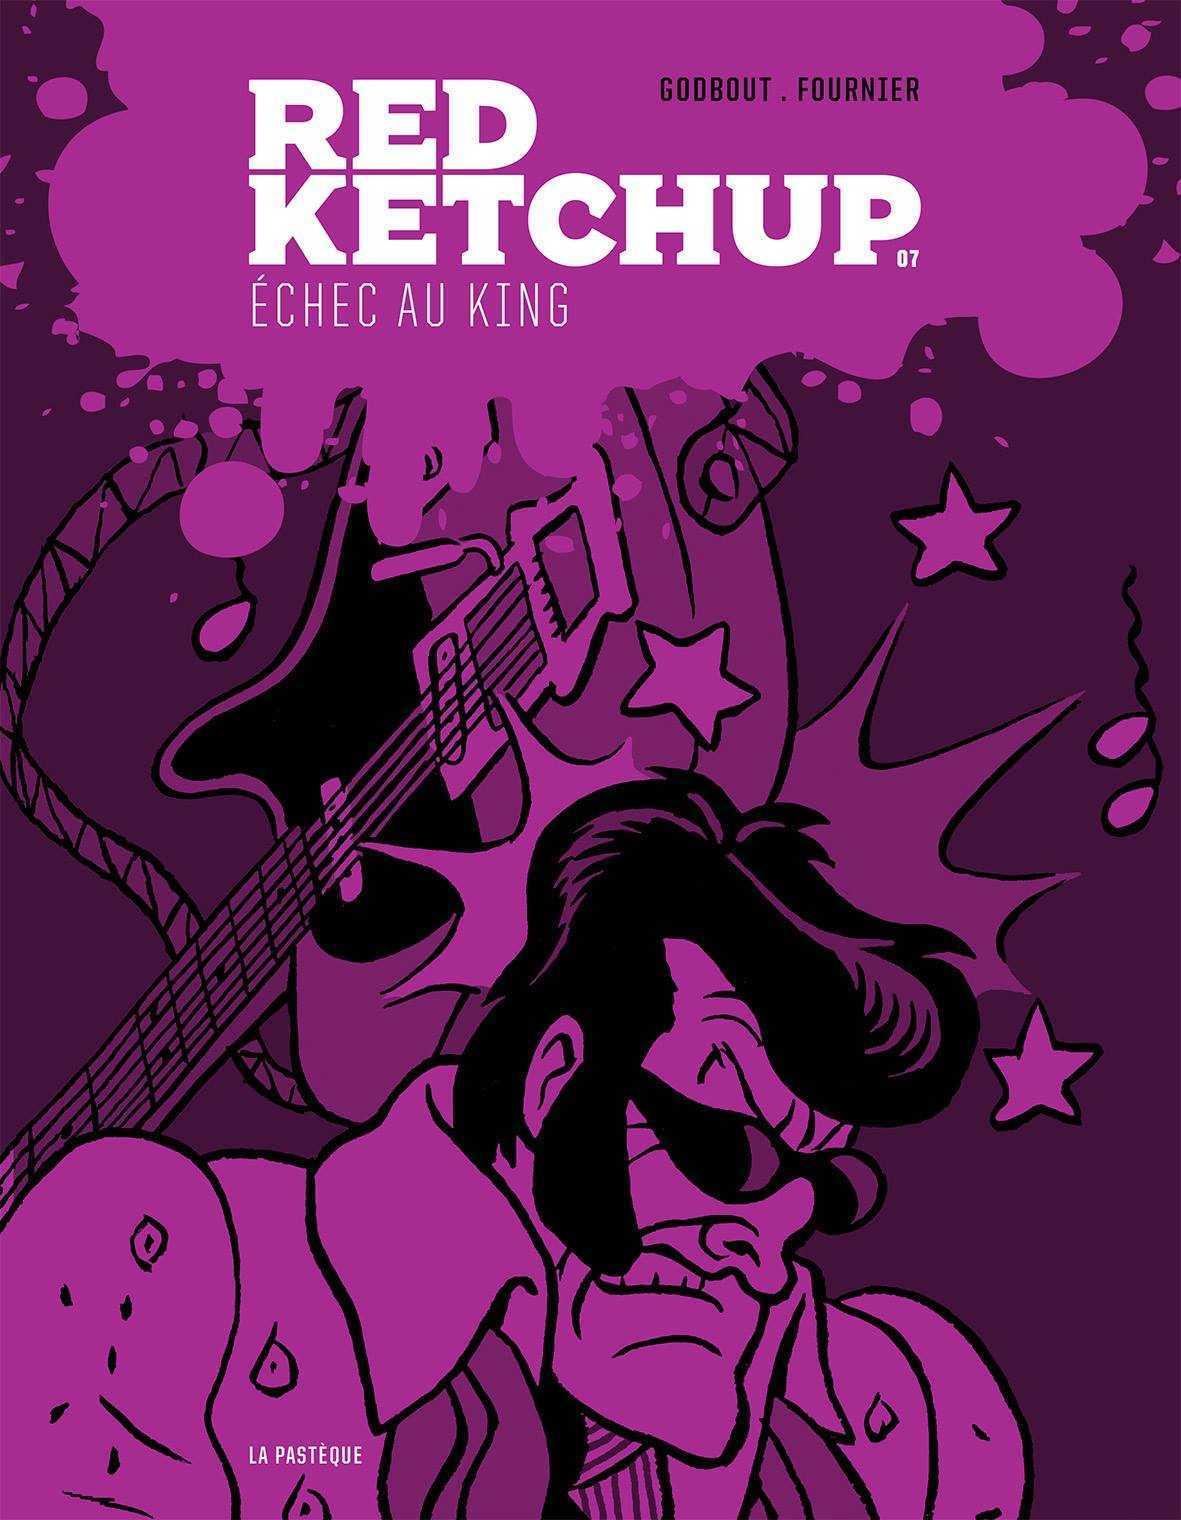 Red Ketchup, le King n'est pas encore mort